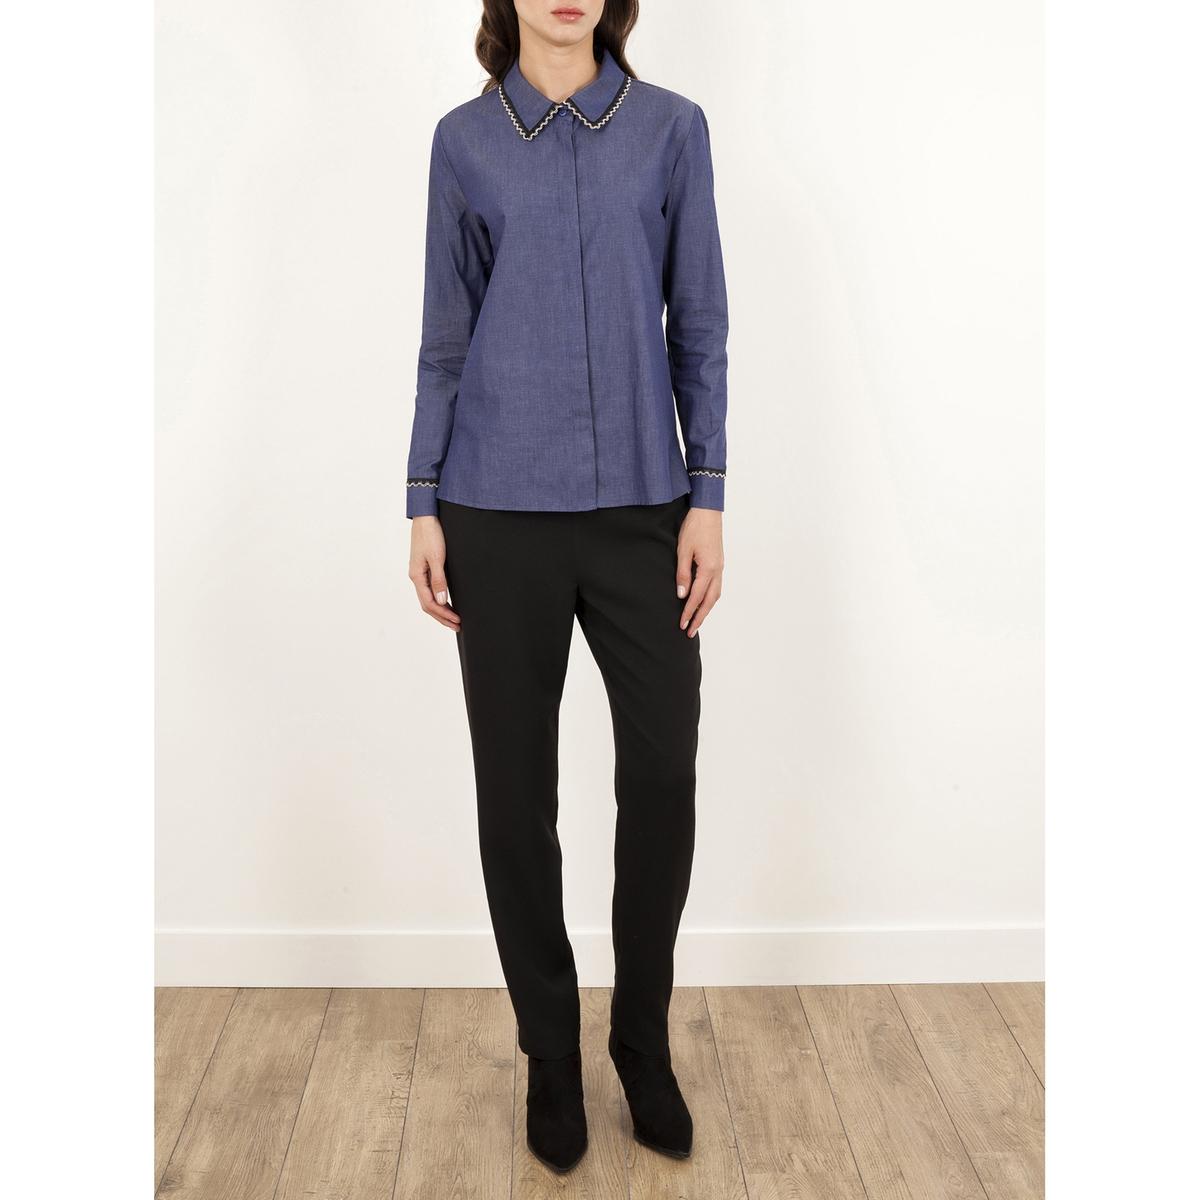 Рубашка из денима с длинными рукавами TEXASРубашка из денима TEXAS от LENNY B . Воротник жемчужного цвета . Супатная застежка на пуговицы спереди . Длинные рукава. Состав и детали     Материал: 100% полиэстера.     Марка    LENNY B .<br><br>Цвет: синий